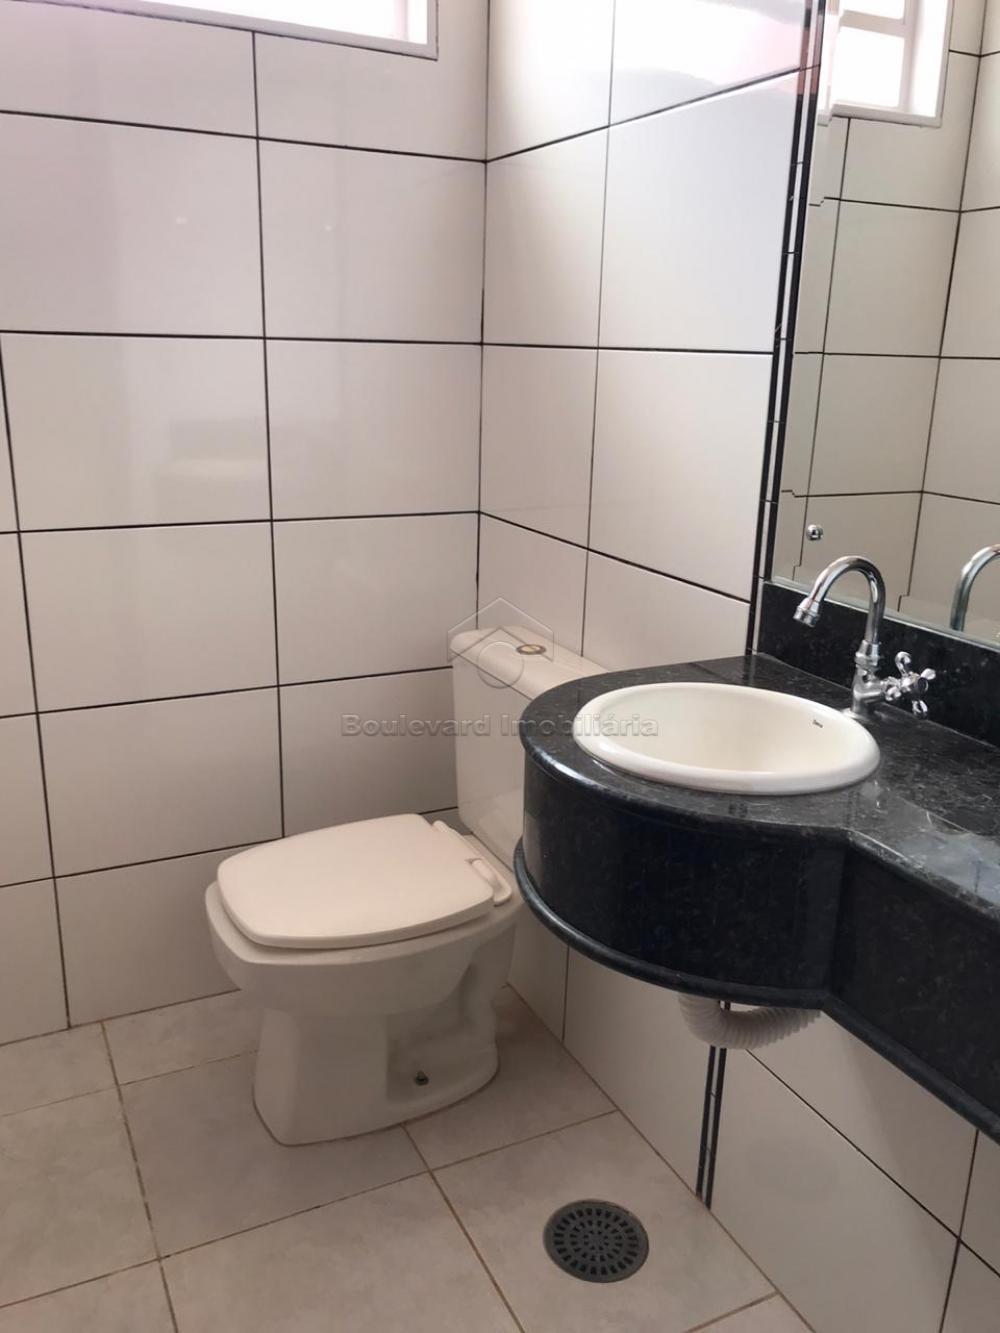 Alugar Casa / Padrão em Ribeirão Preto R$ 4.700,00 - Foto 4